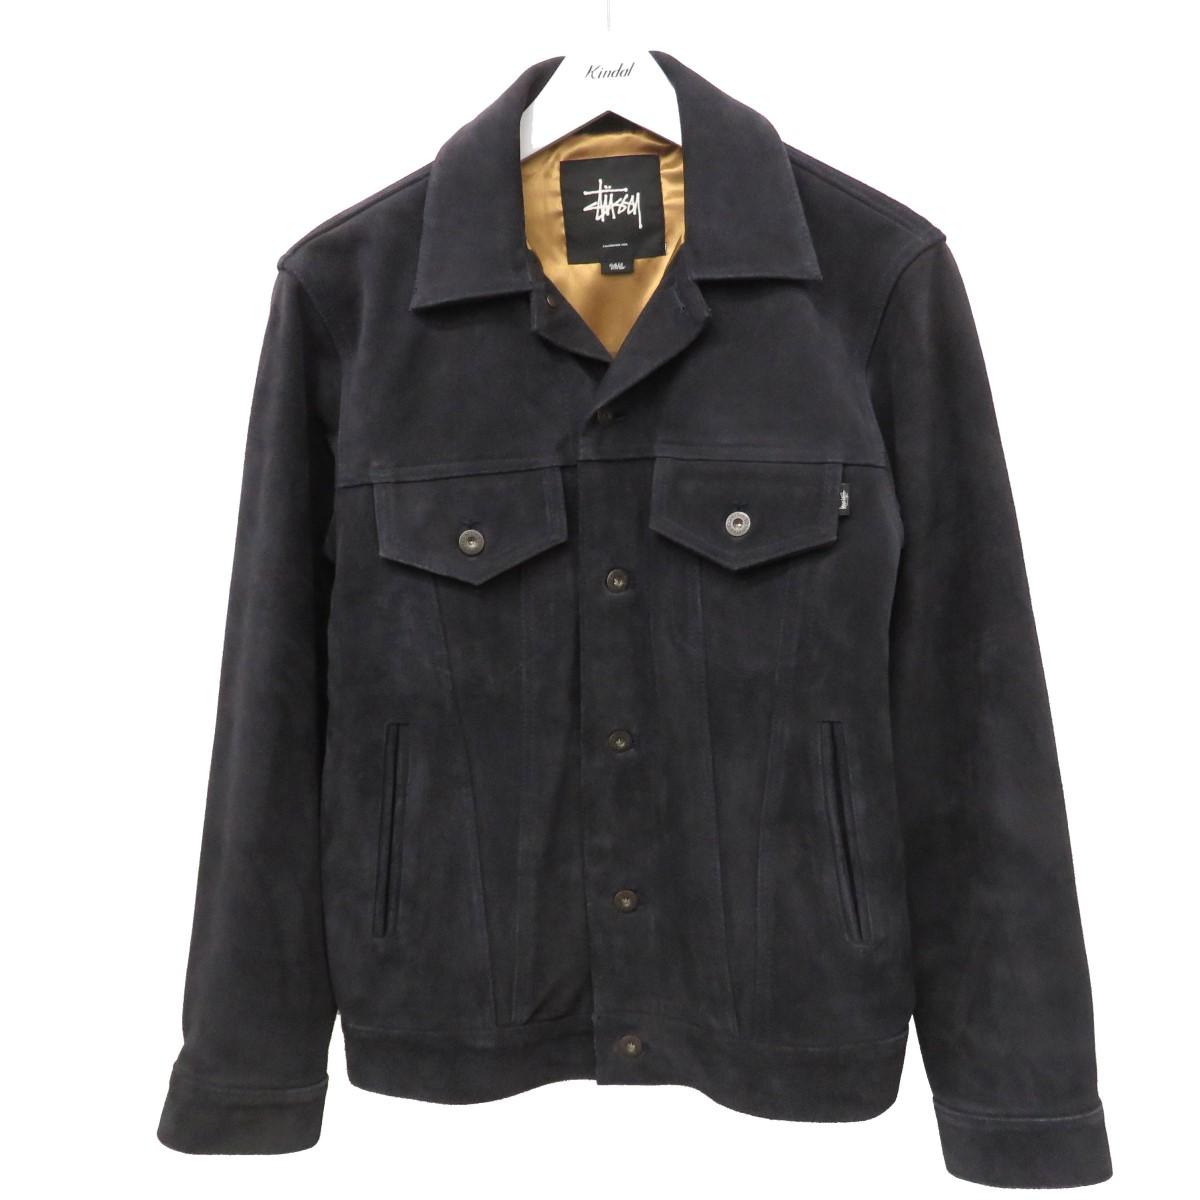 【中古】Stussy スエードレザージャケット ブルゾン 3rd ブラック サイズ:S 【270820】(ステューシー)